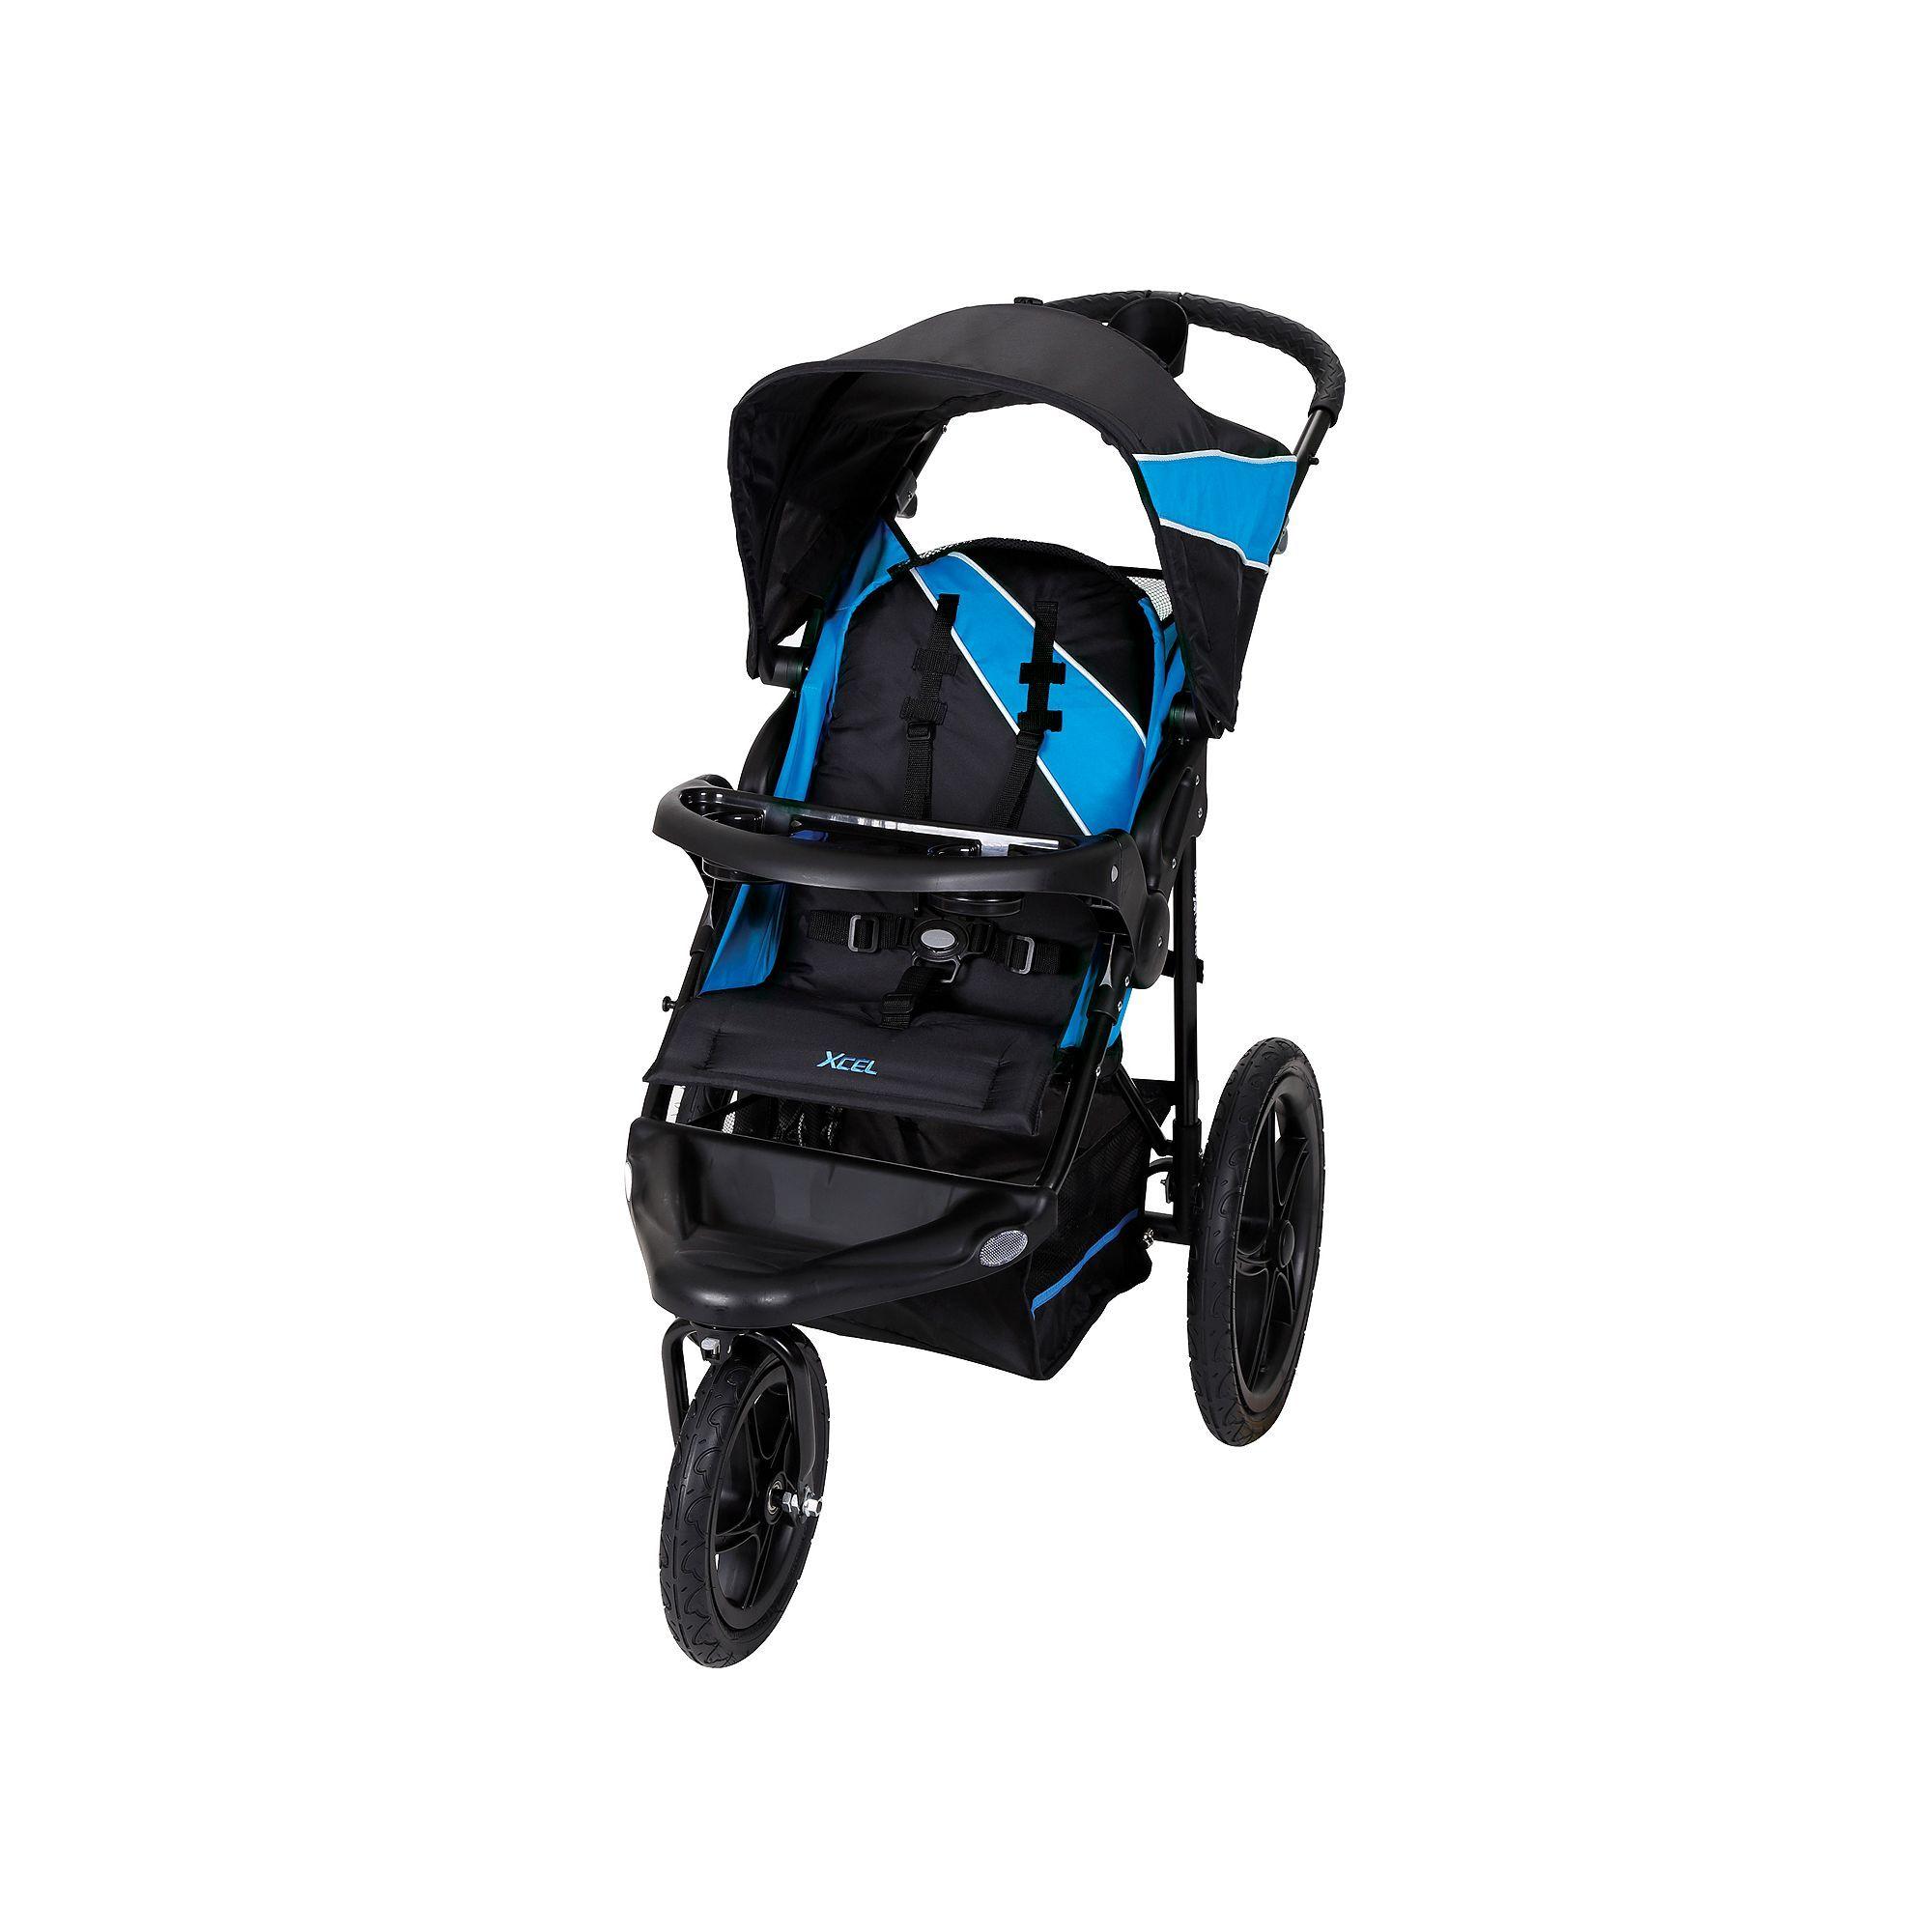 Baby Trend Xcel Jogger Stroller, Blue Jogging stroller